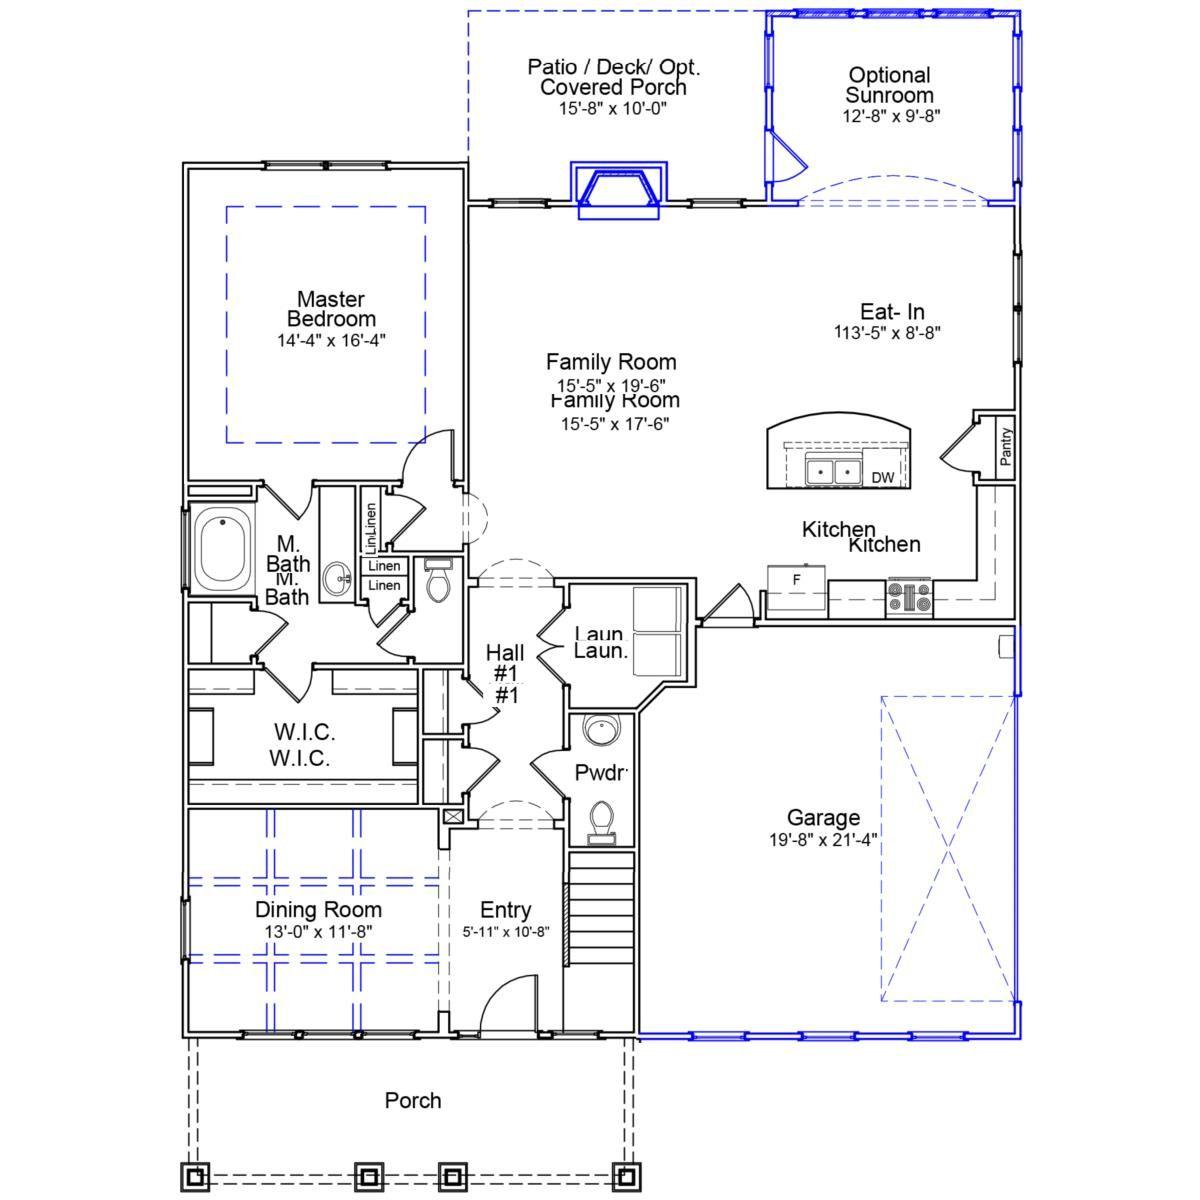 Newbury Mungo Homes Flex Room Family Room Covered Porch